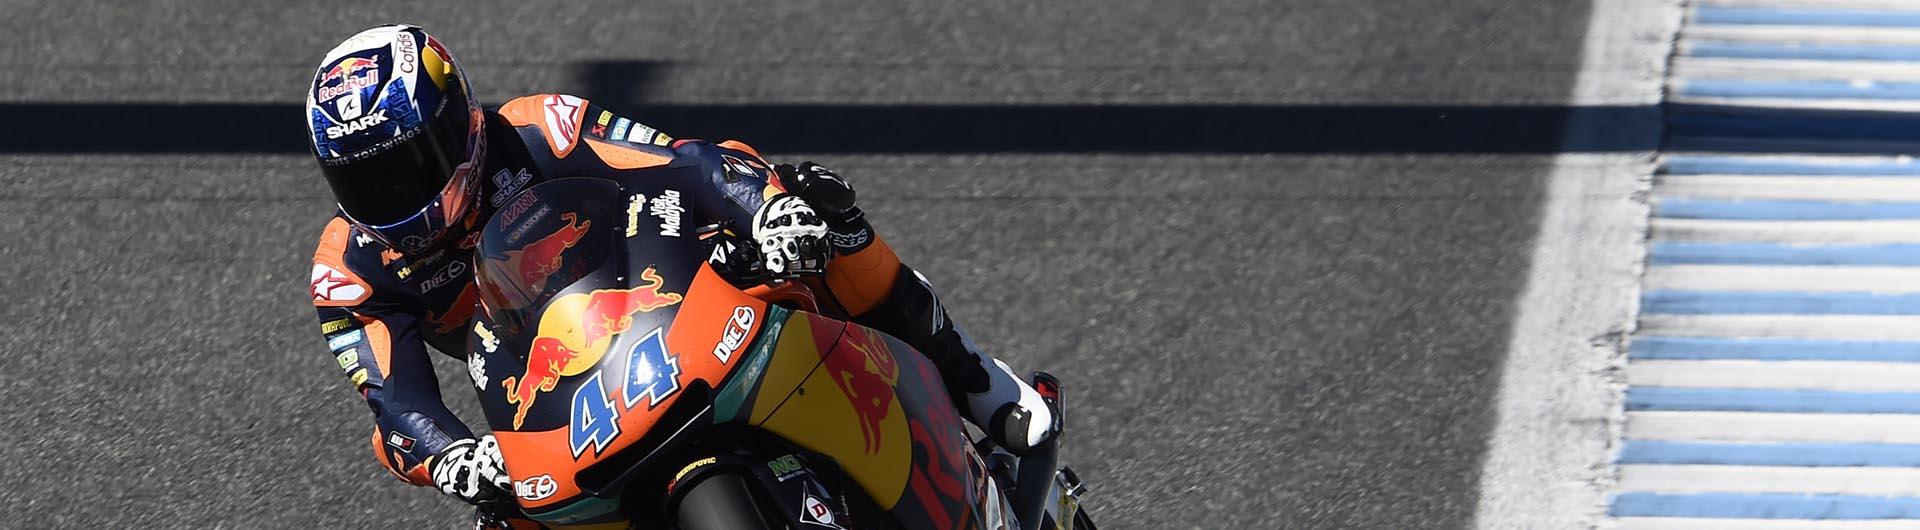 Miguel Oliveira terminou teste de Jerez em terceiro